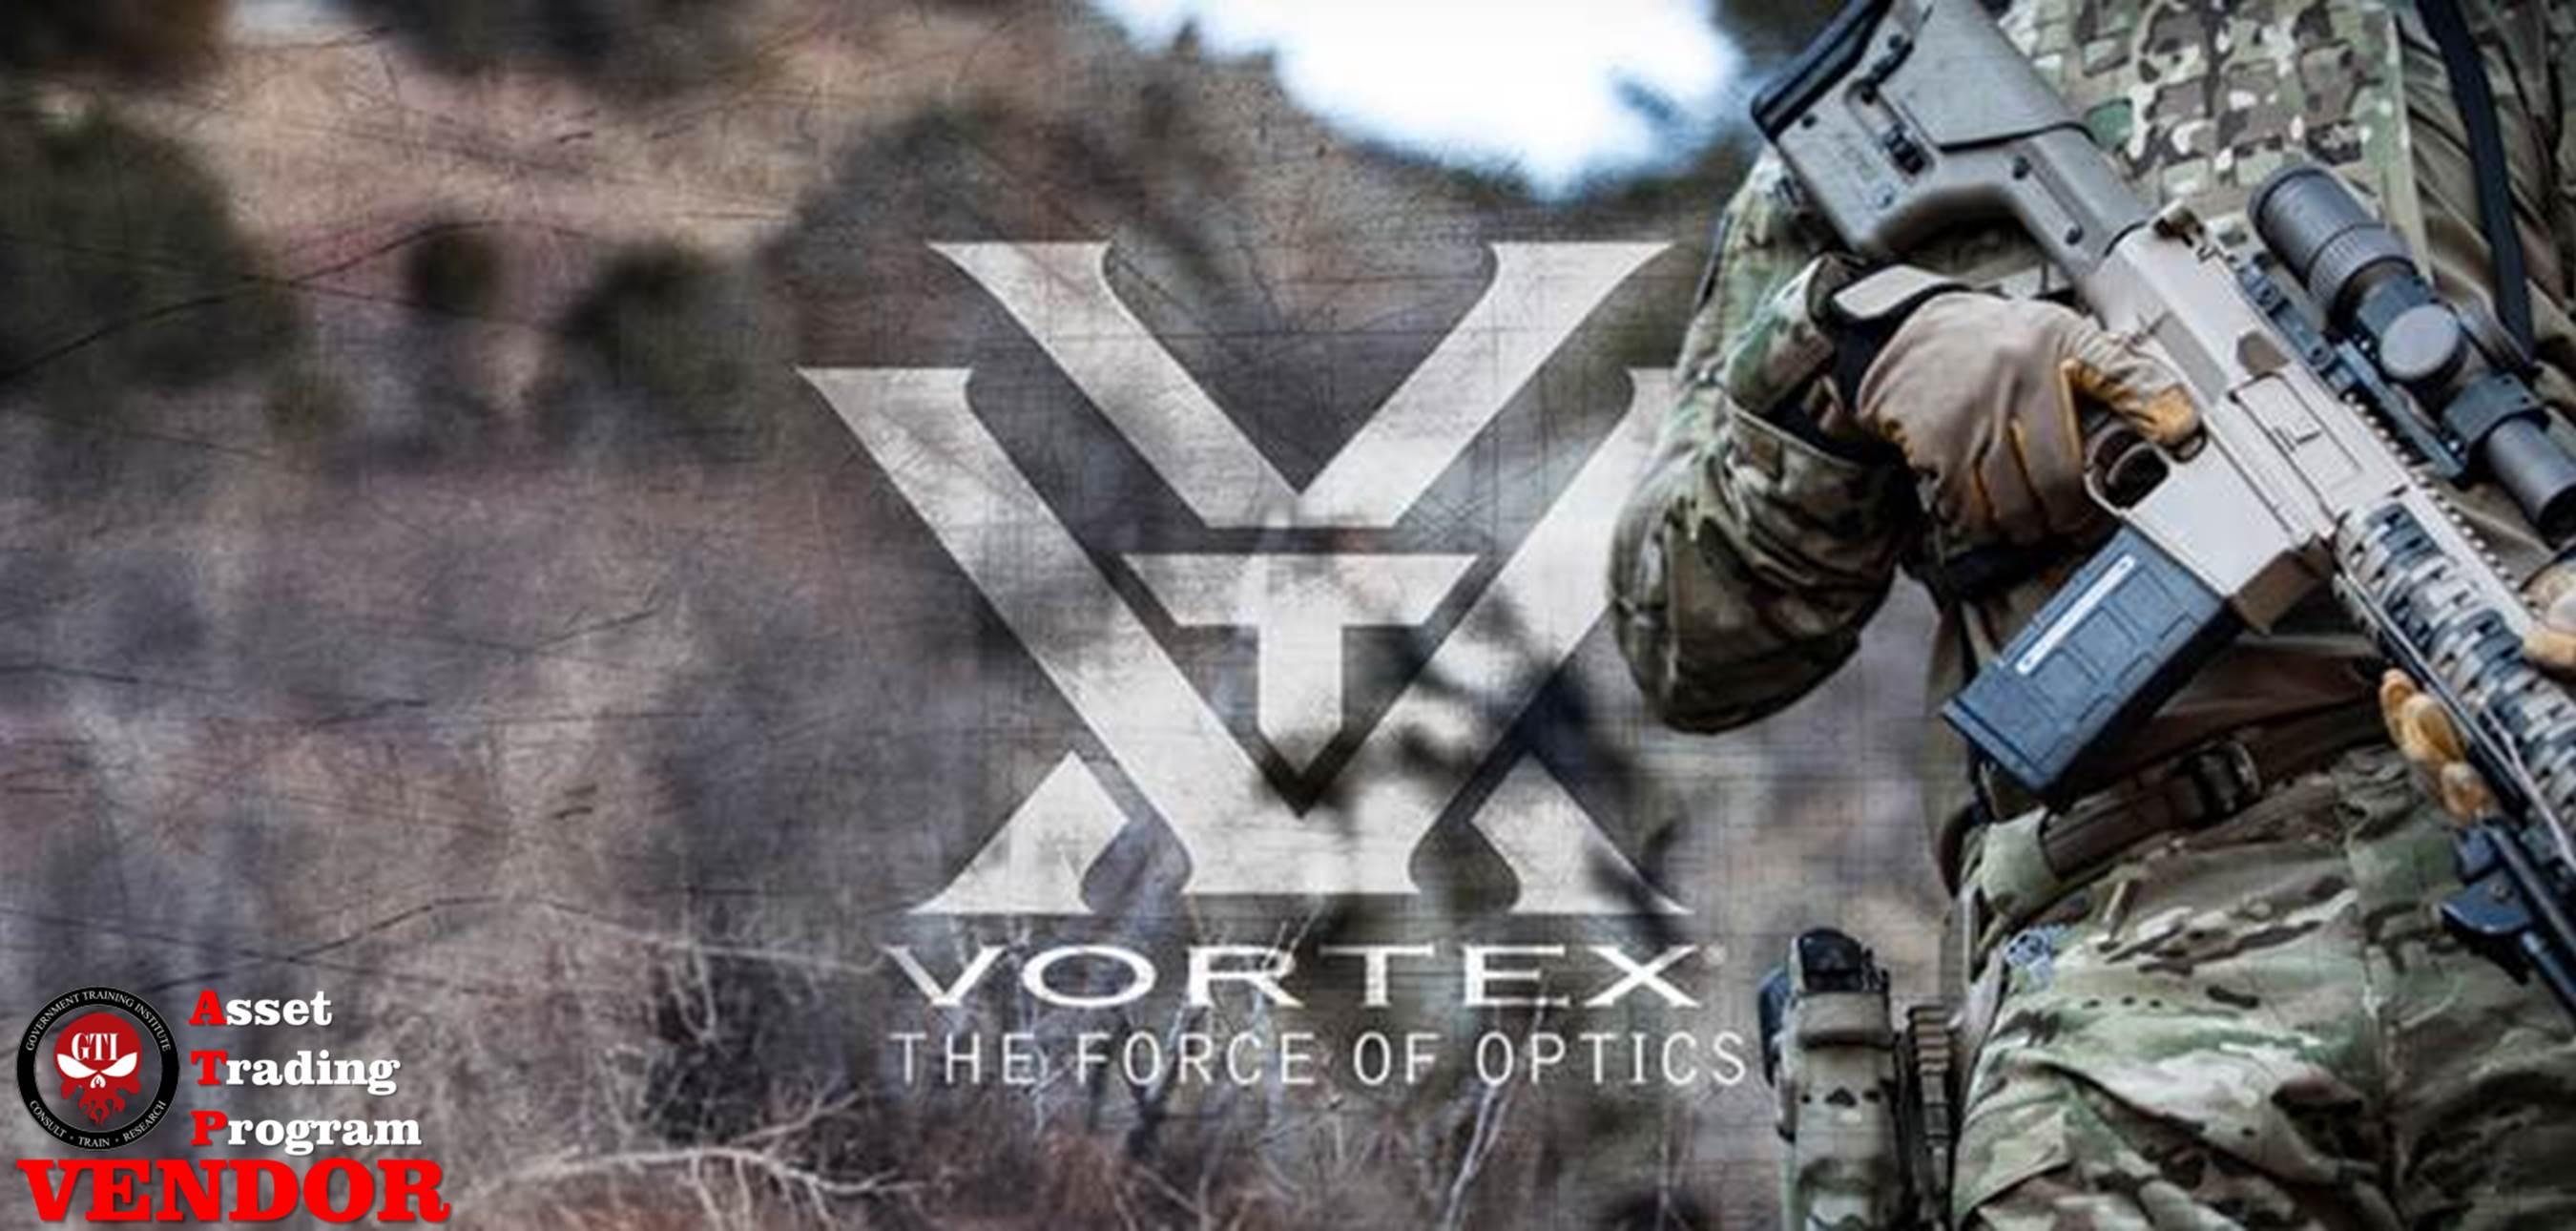 ATP Vendor Vortex Optics